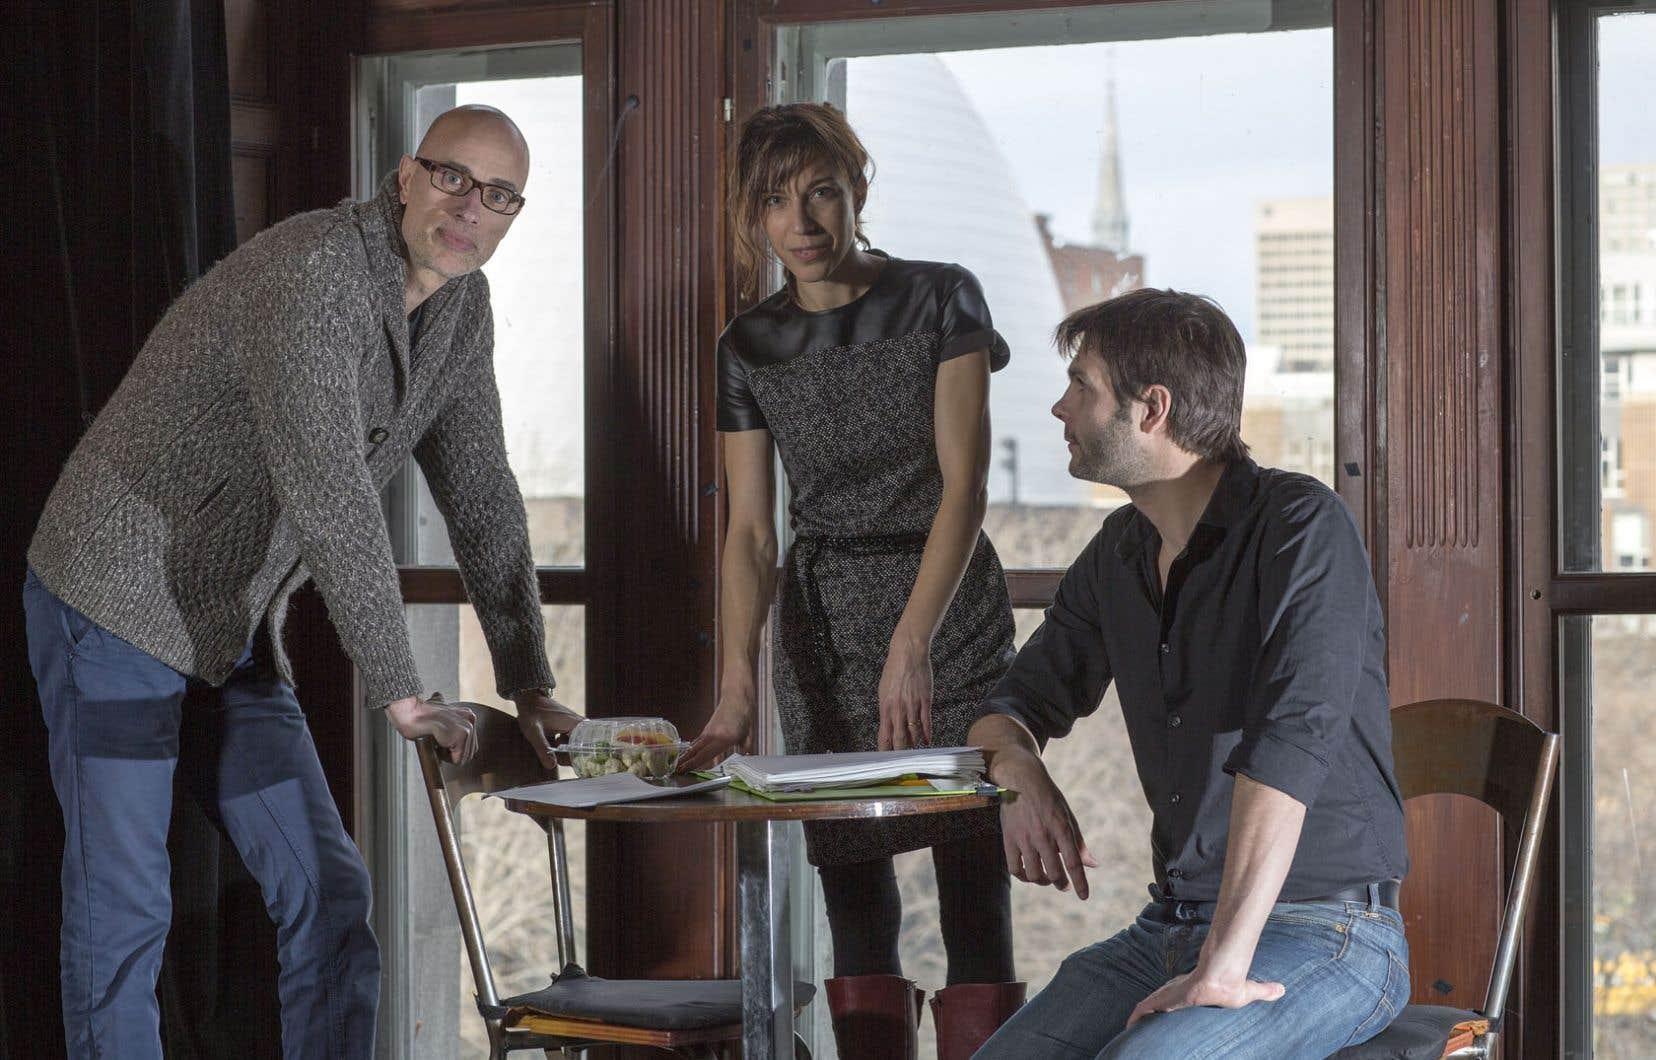 James Hyndman, Evelyne de la Chenelière et Jérémie Niel ont dû plonger profondément dans le dédale amoureux pour cette adaptation de La concordance des temps.